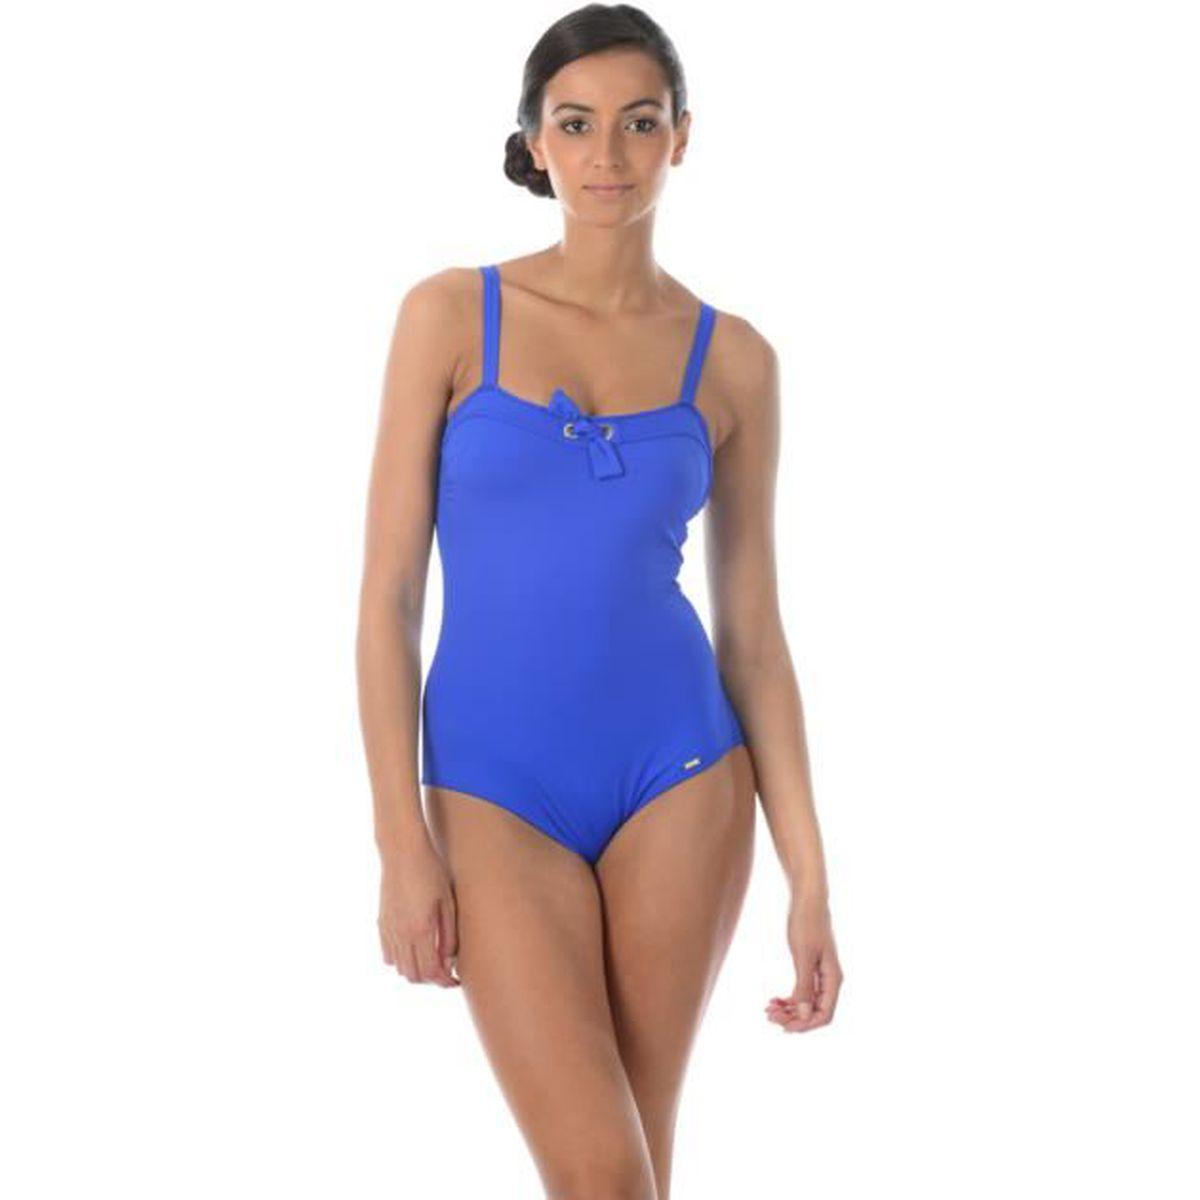 e157cd1467 Maillot de bain Livia 1 Pièce Lavandou Michela Bleu Gitane Bleu Bleu -  Achat / Vente maillot de bain - Soldes d'été Cdiscount